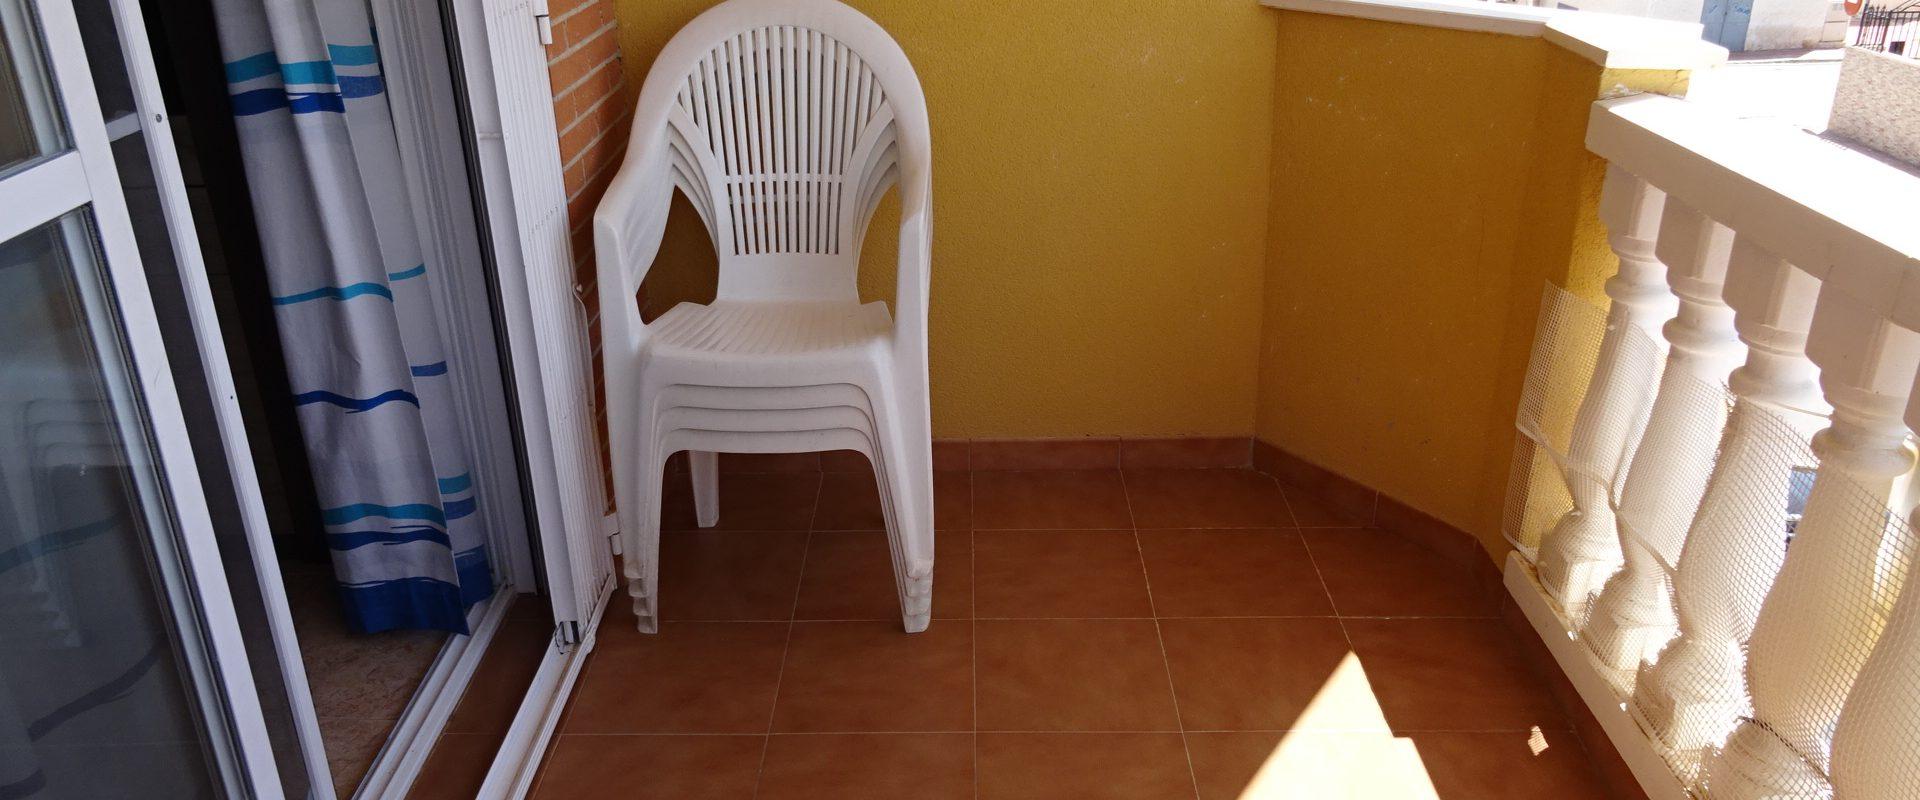 Apartamento con parking en venta en Puerto Jardín